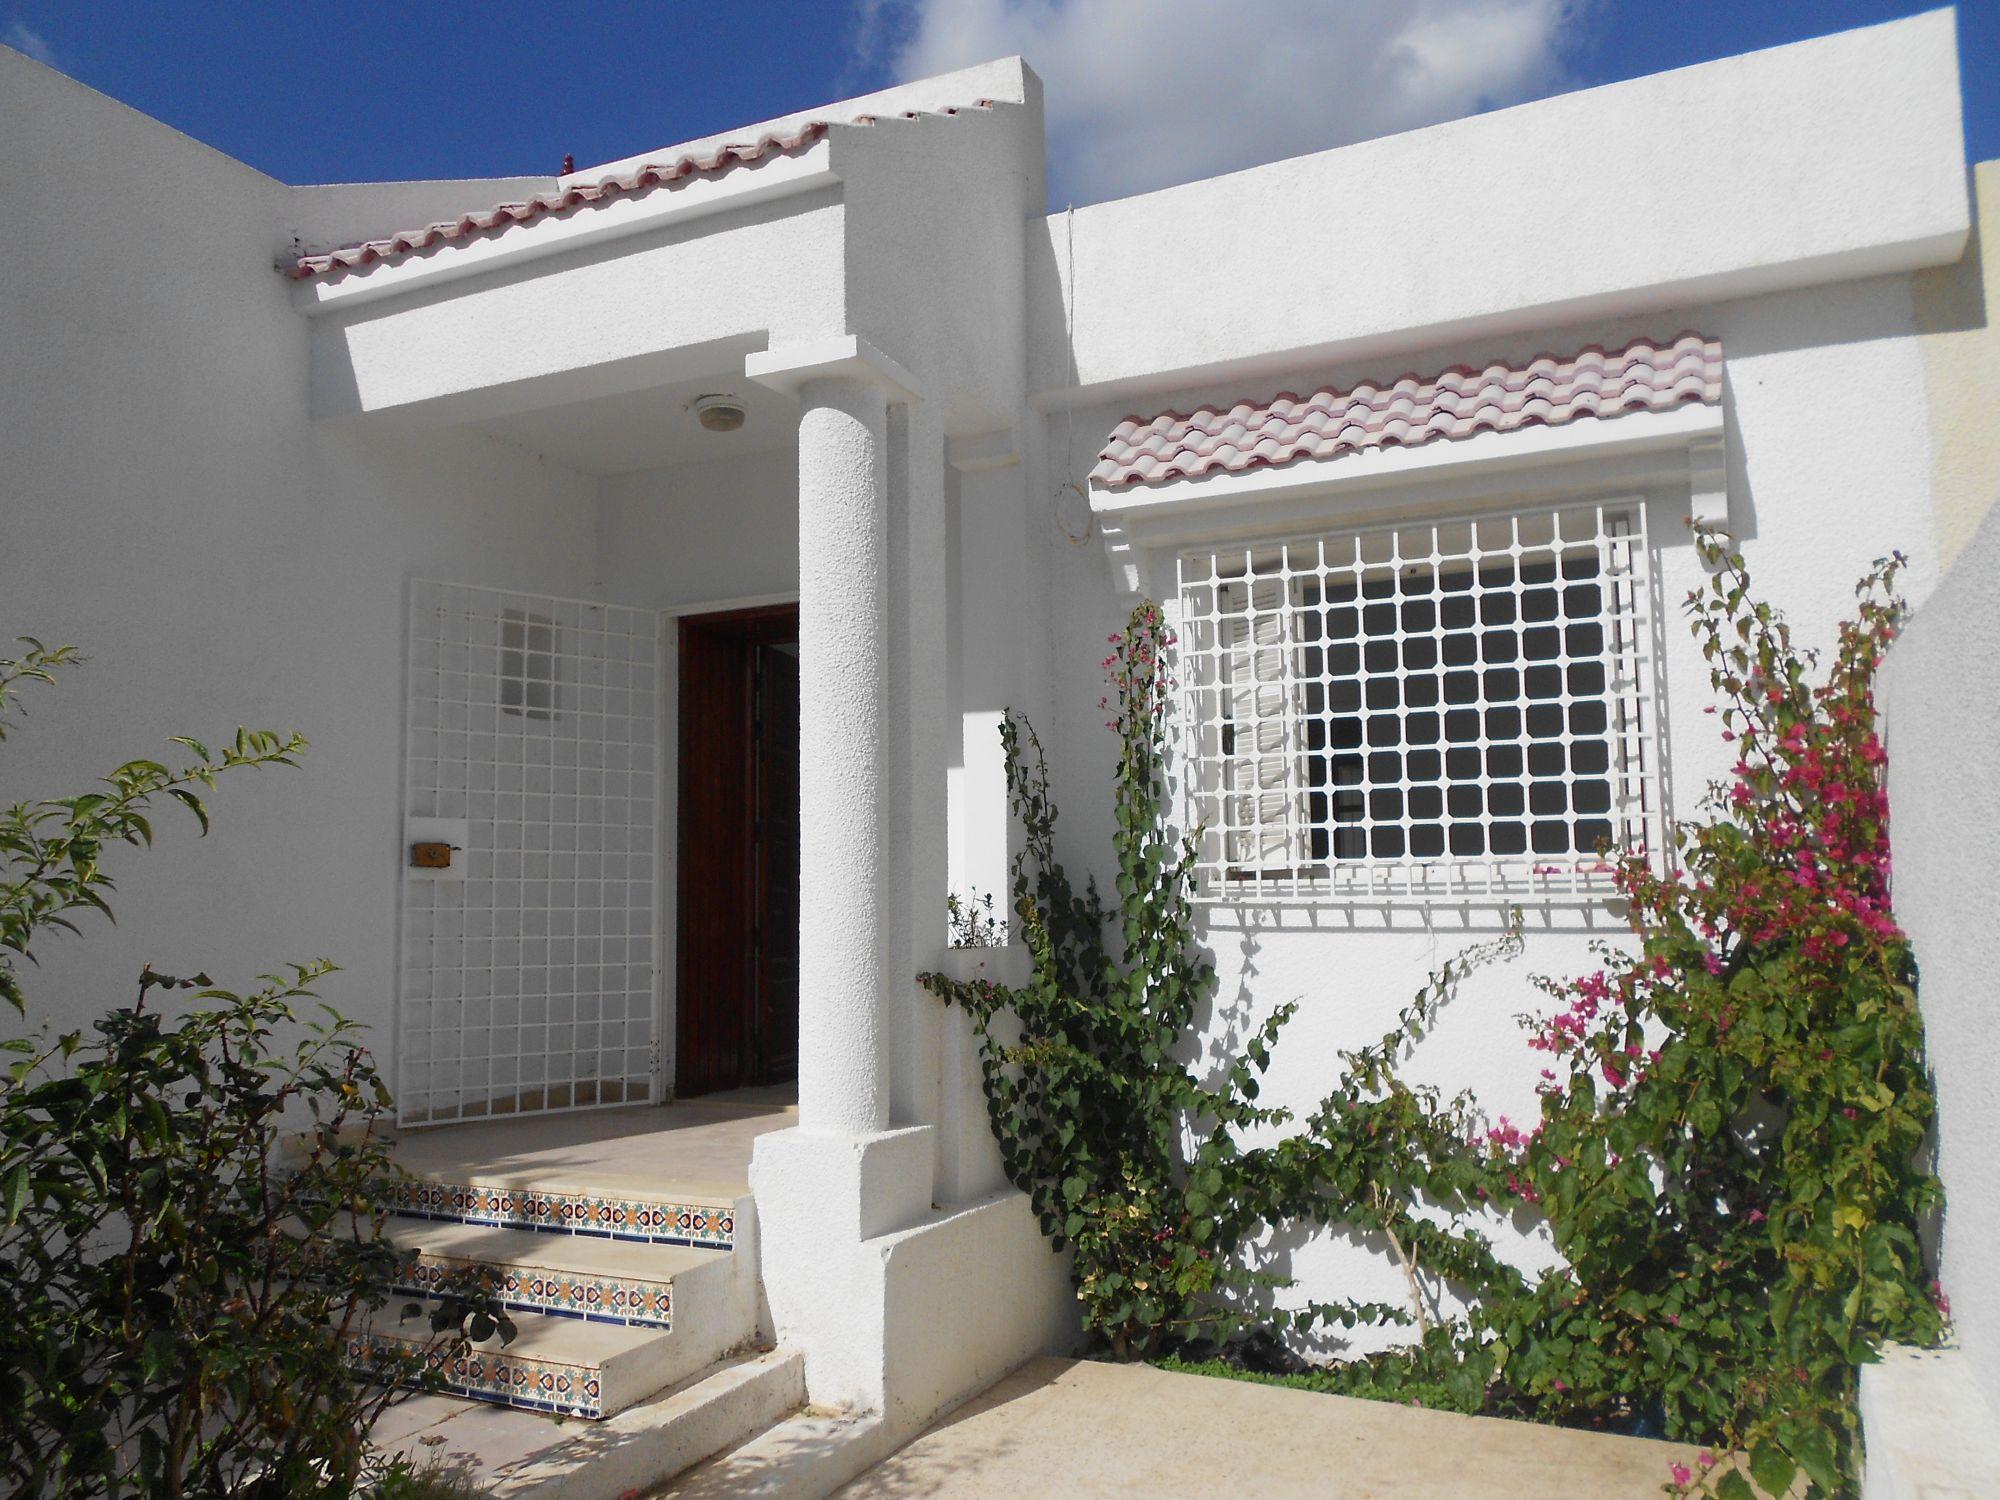 Al Une Coquette Villa Avec Jolie Jardin Et Abri De Voiture ... encequiconcerne Abri De Jardin Tunisie